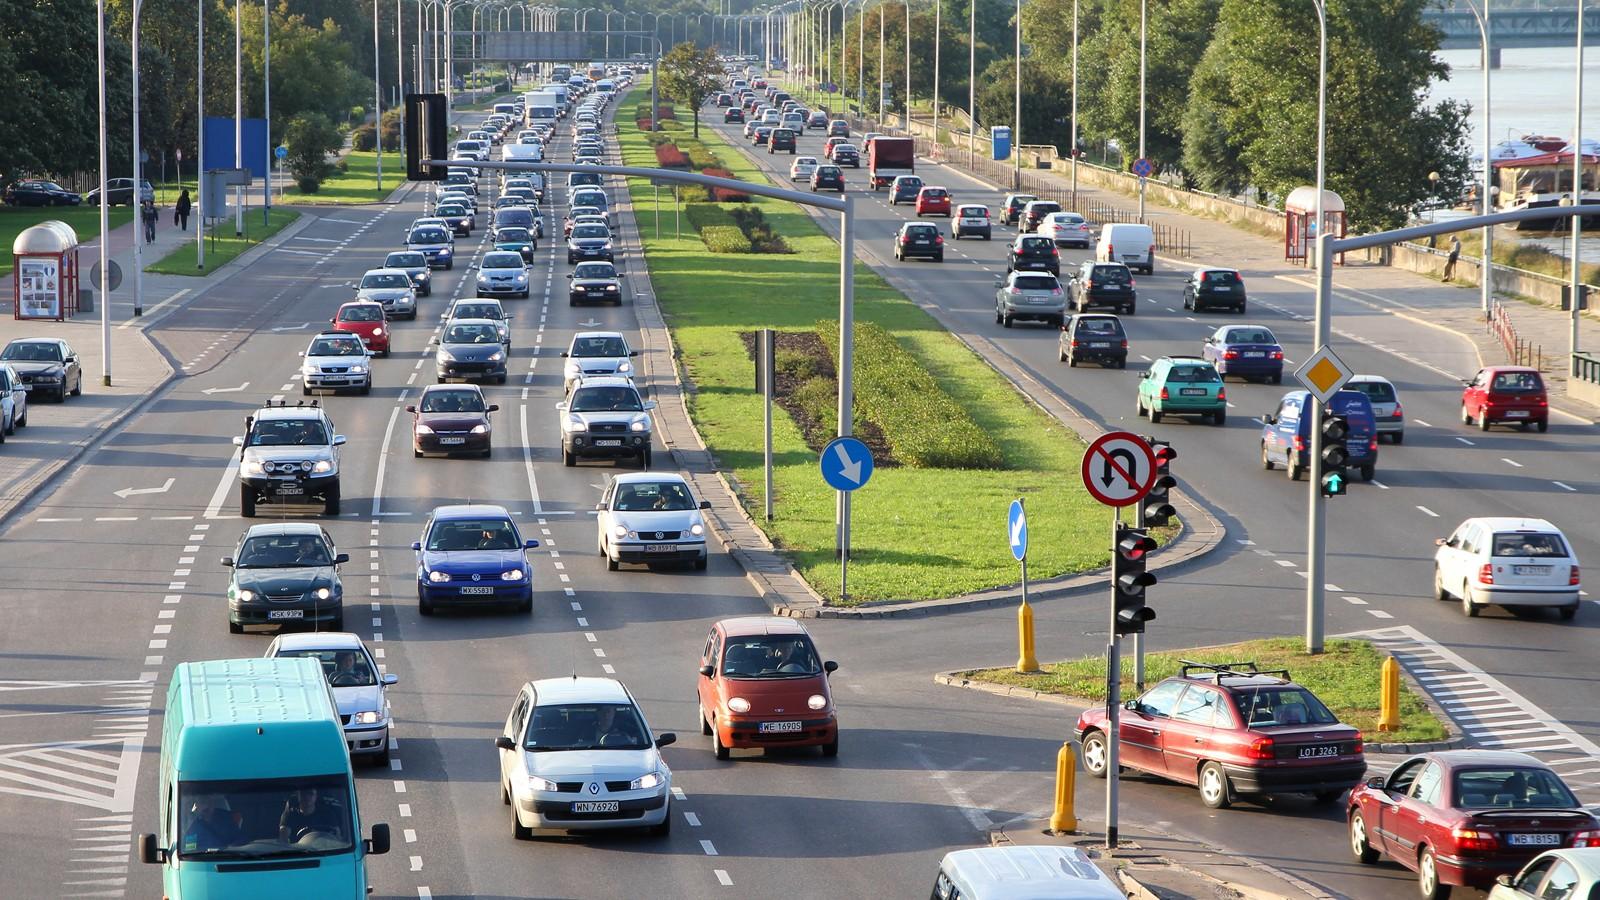 Warsaw traffic congestion